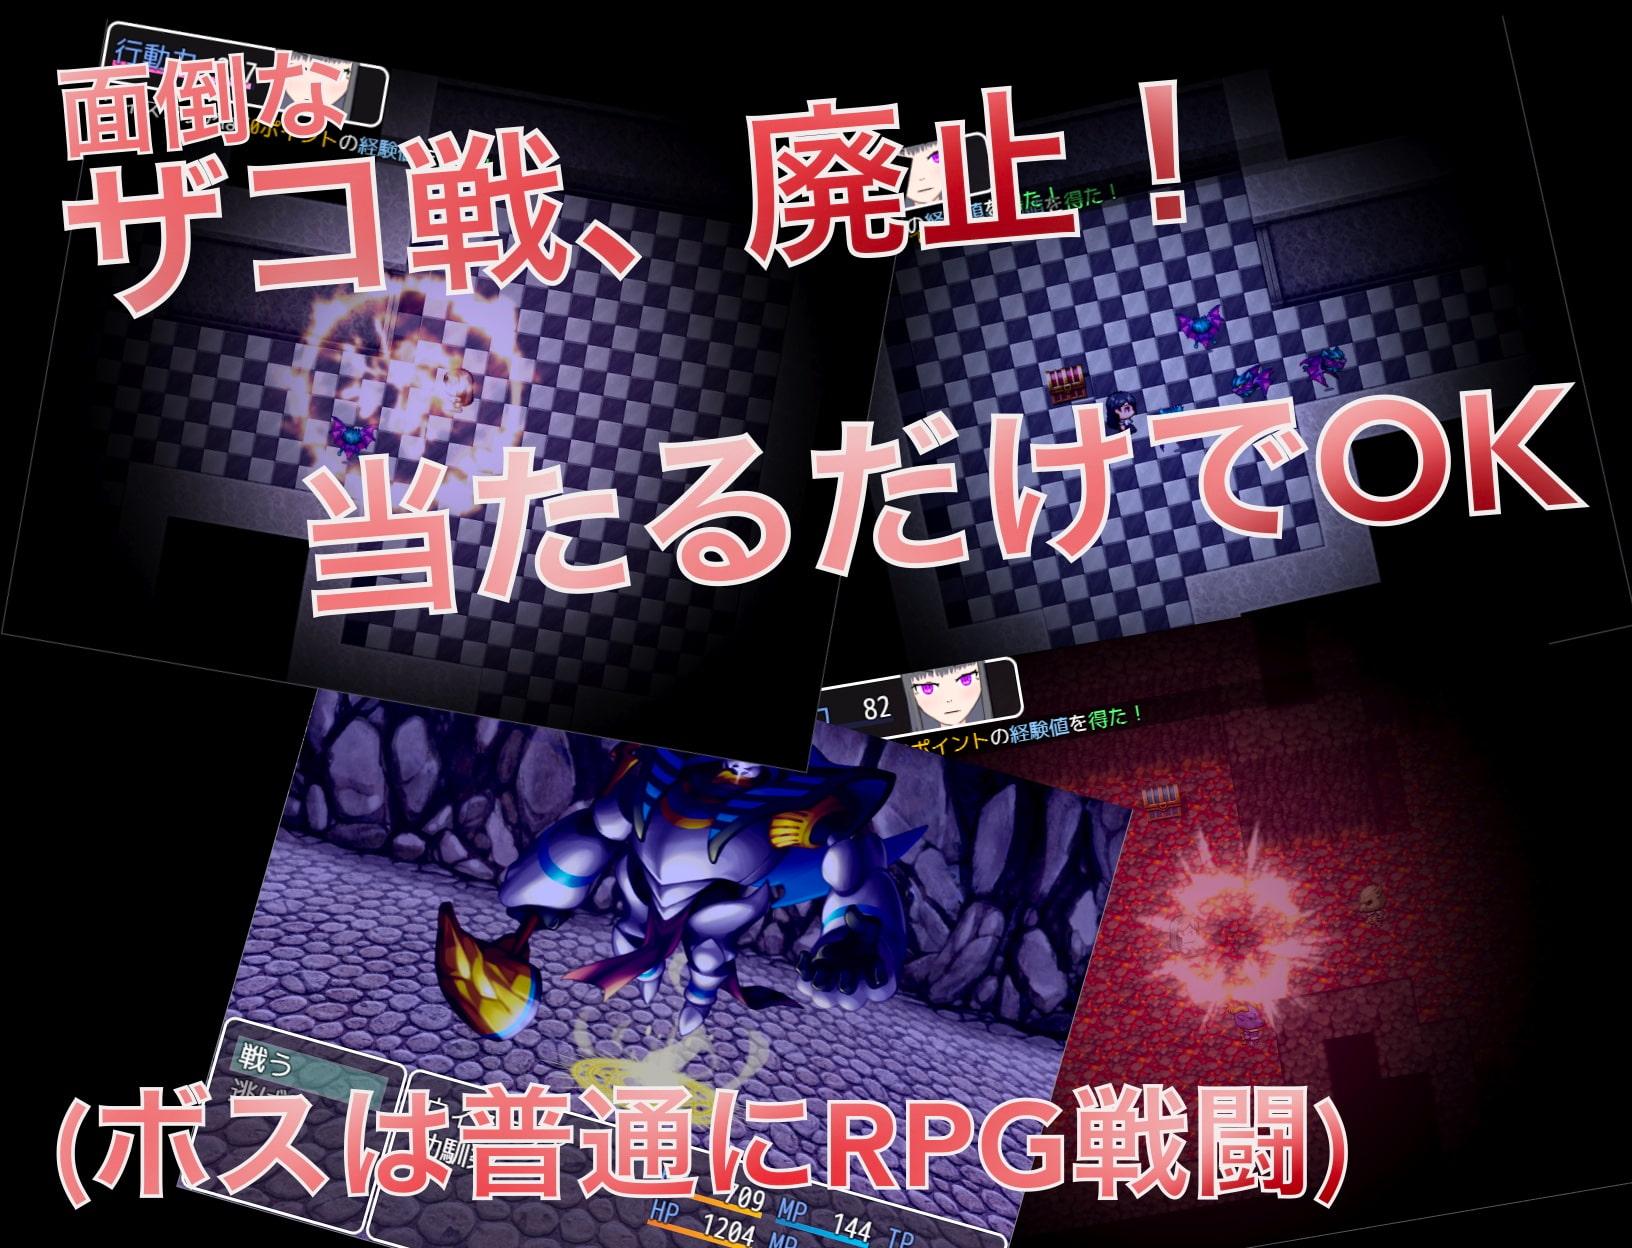 NTR魔術師ウィステリア ~幼馴染の呪いを解くためには仕方がないんだ~ (葵研究所) DLsite提供:同人ゲーム – ロールプレイング